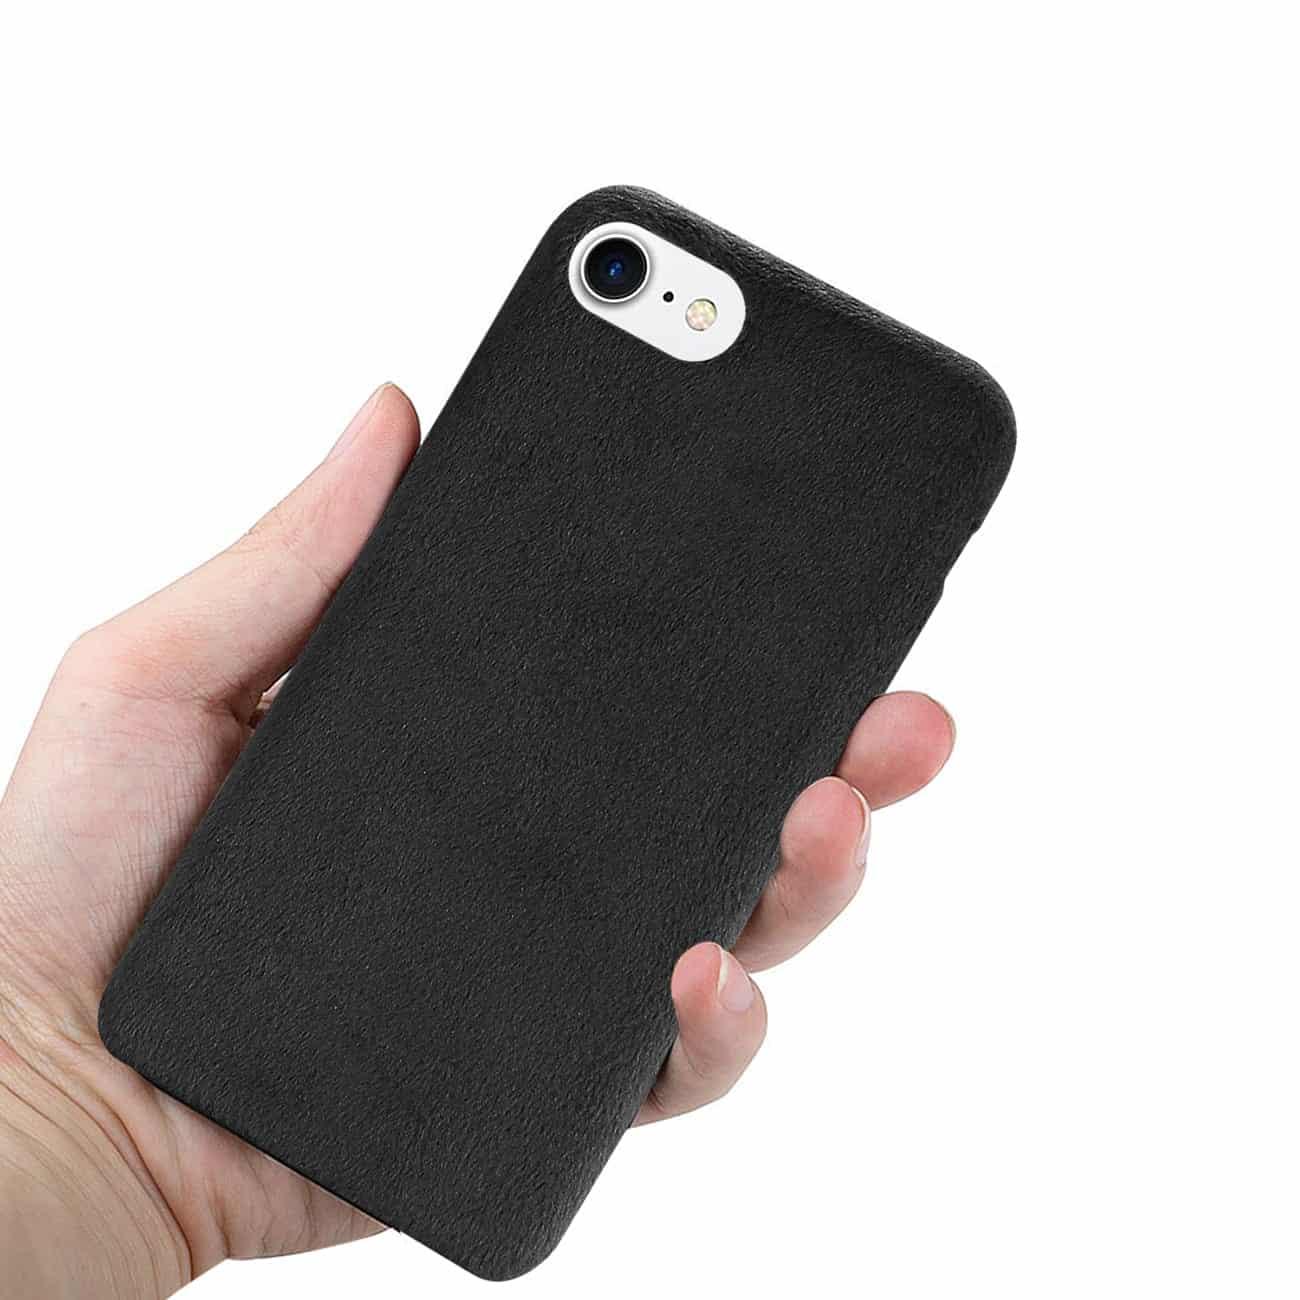 iPhone 8/ 7 Fuzzy Fur Soft TPU Case In Black